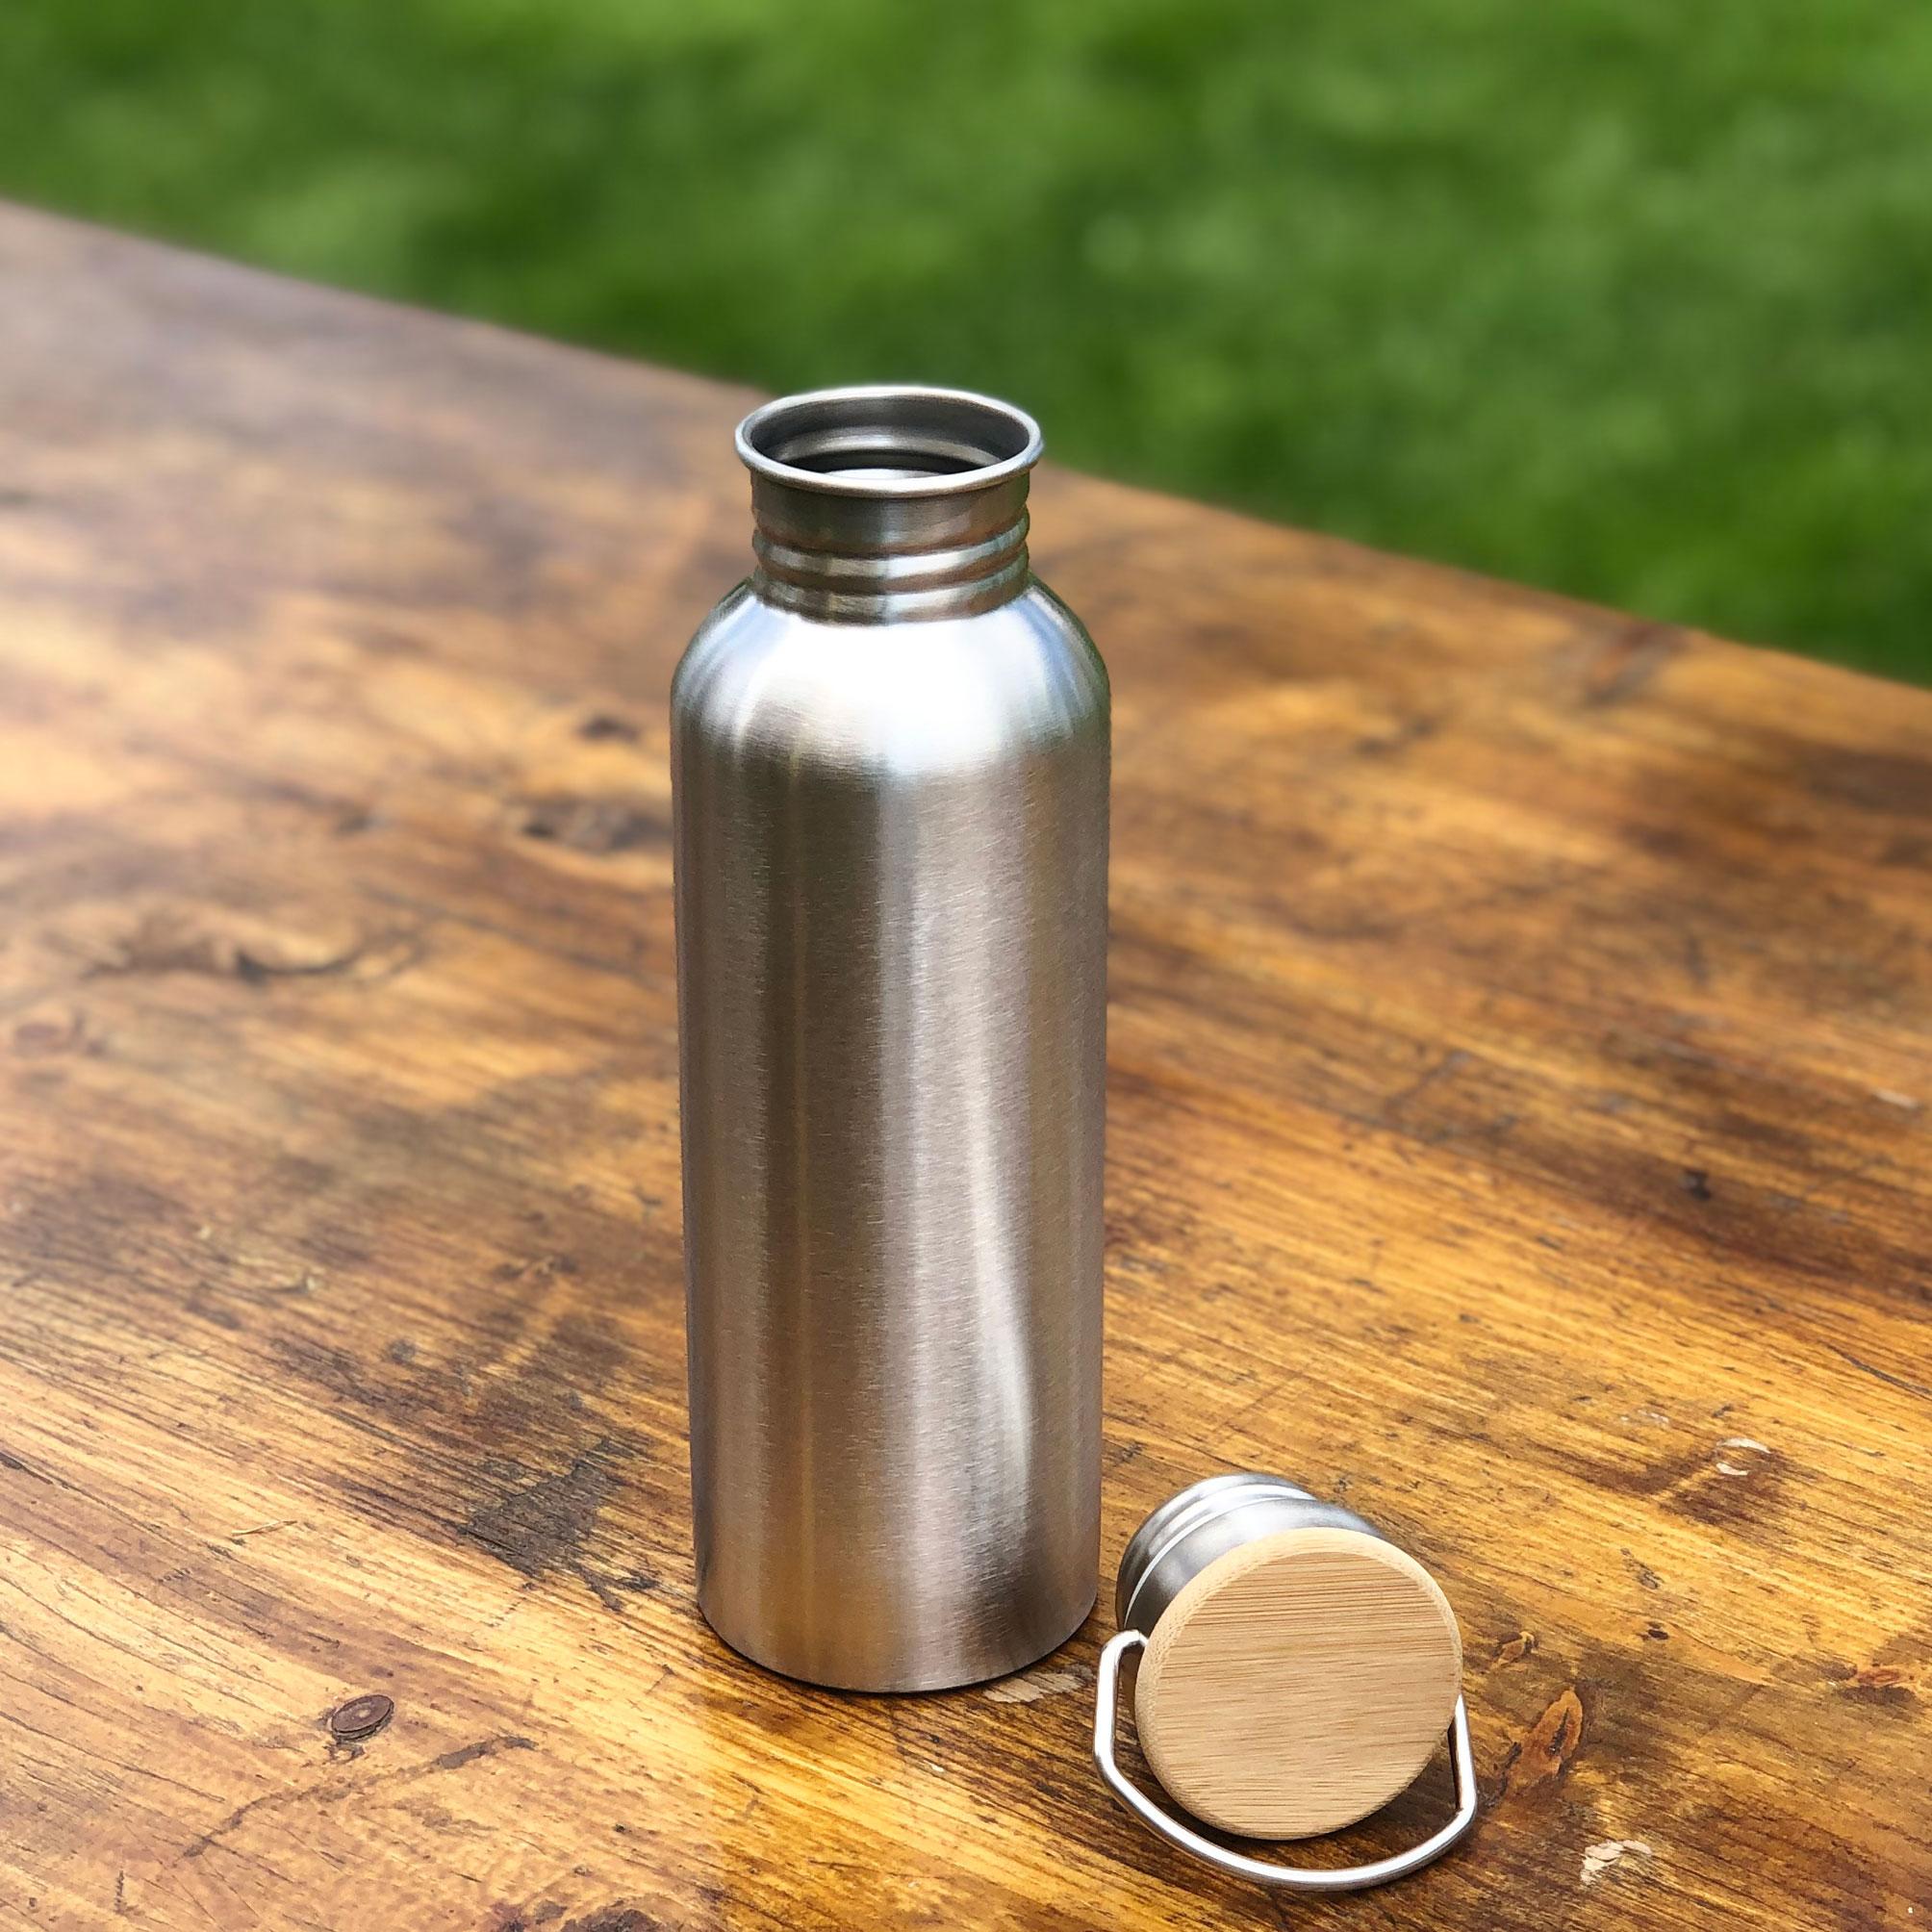 Sticla reutilizabila pentru apa, de luat la sport, la yoga, la pilates. Cu capac cu bambus.Nu curge. 750ml.